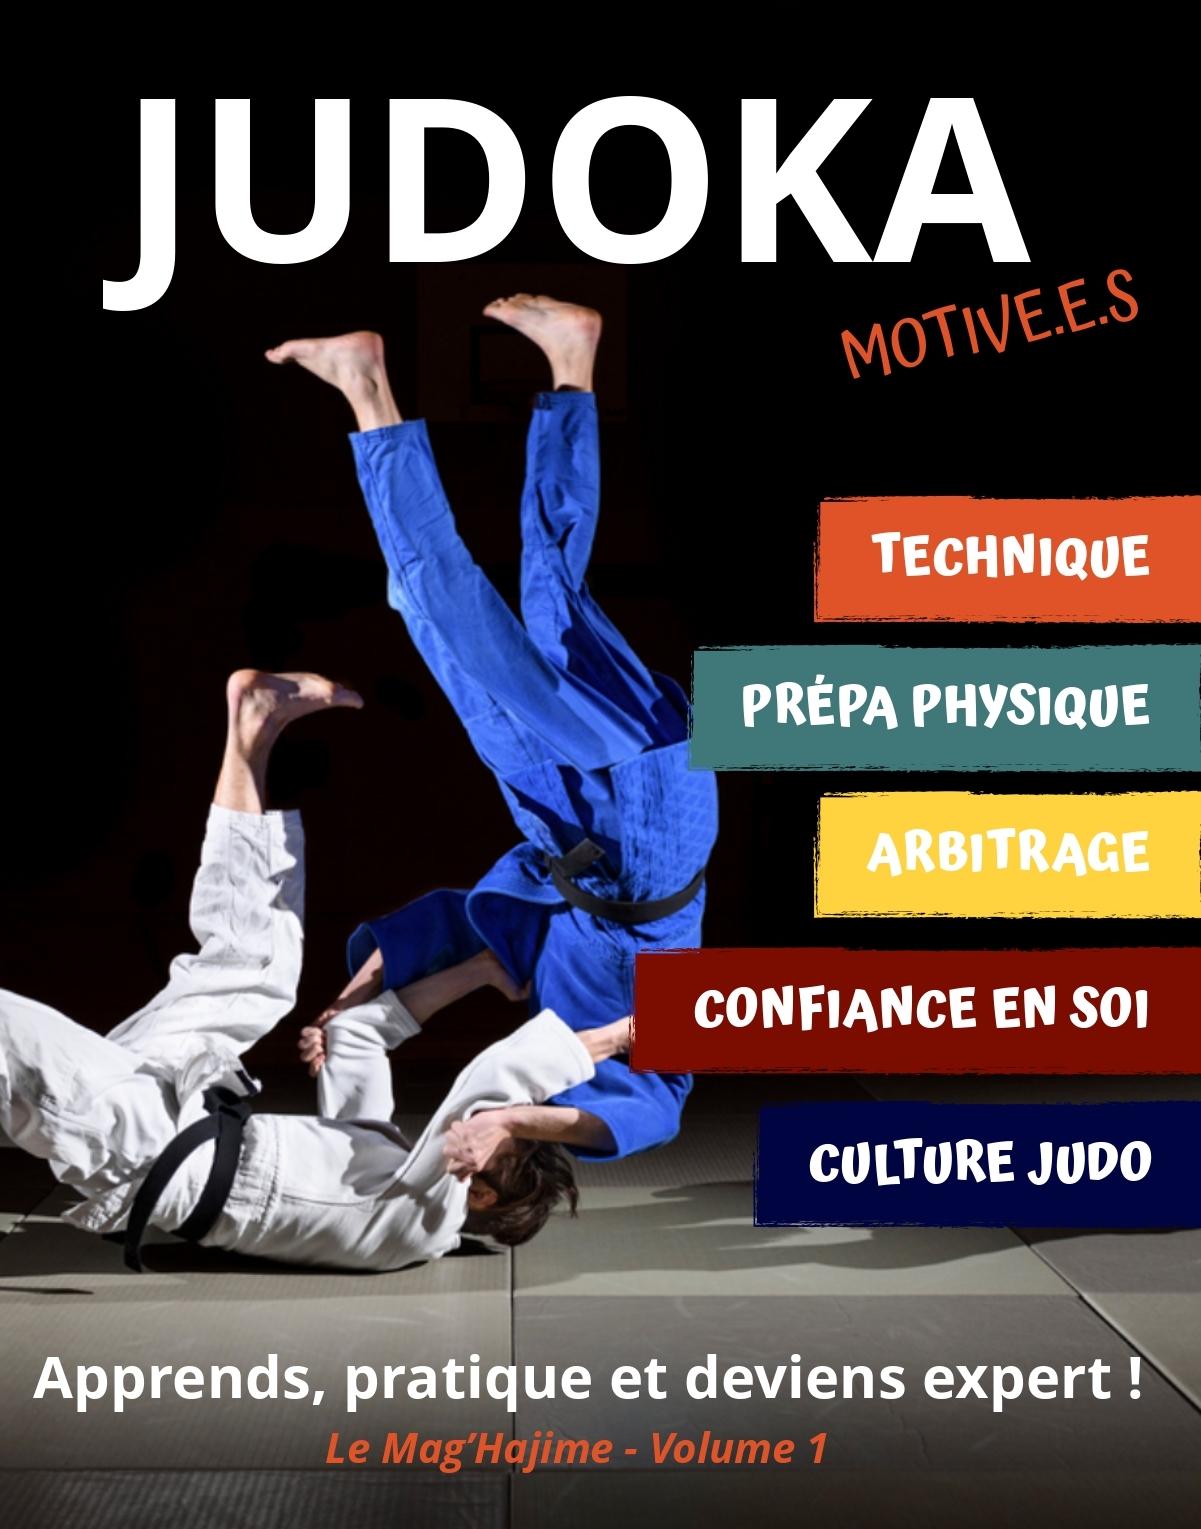 Magazine judo judoka